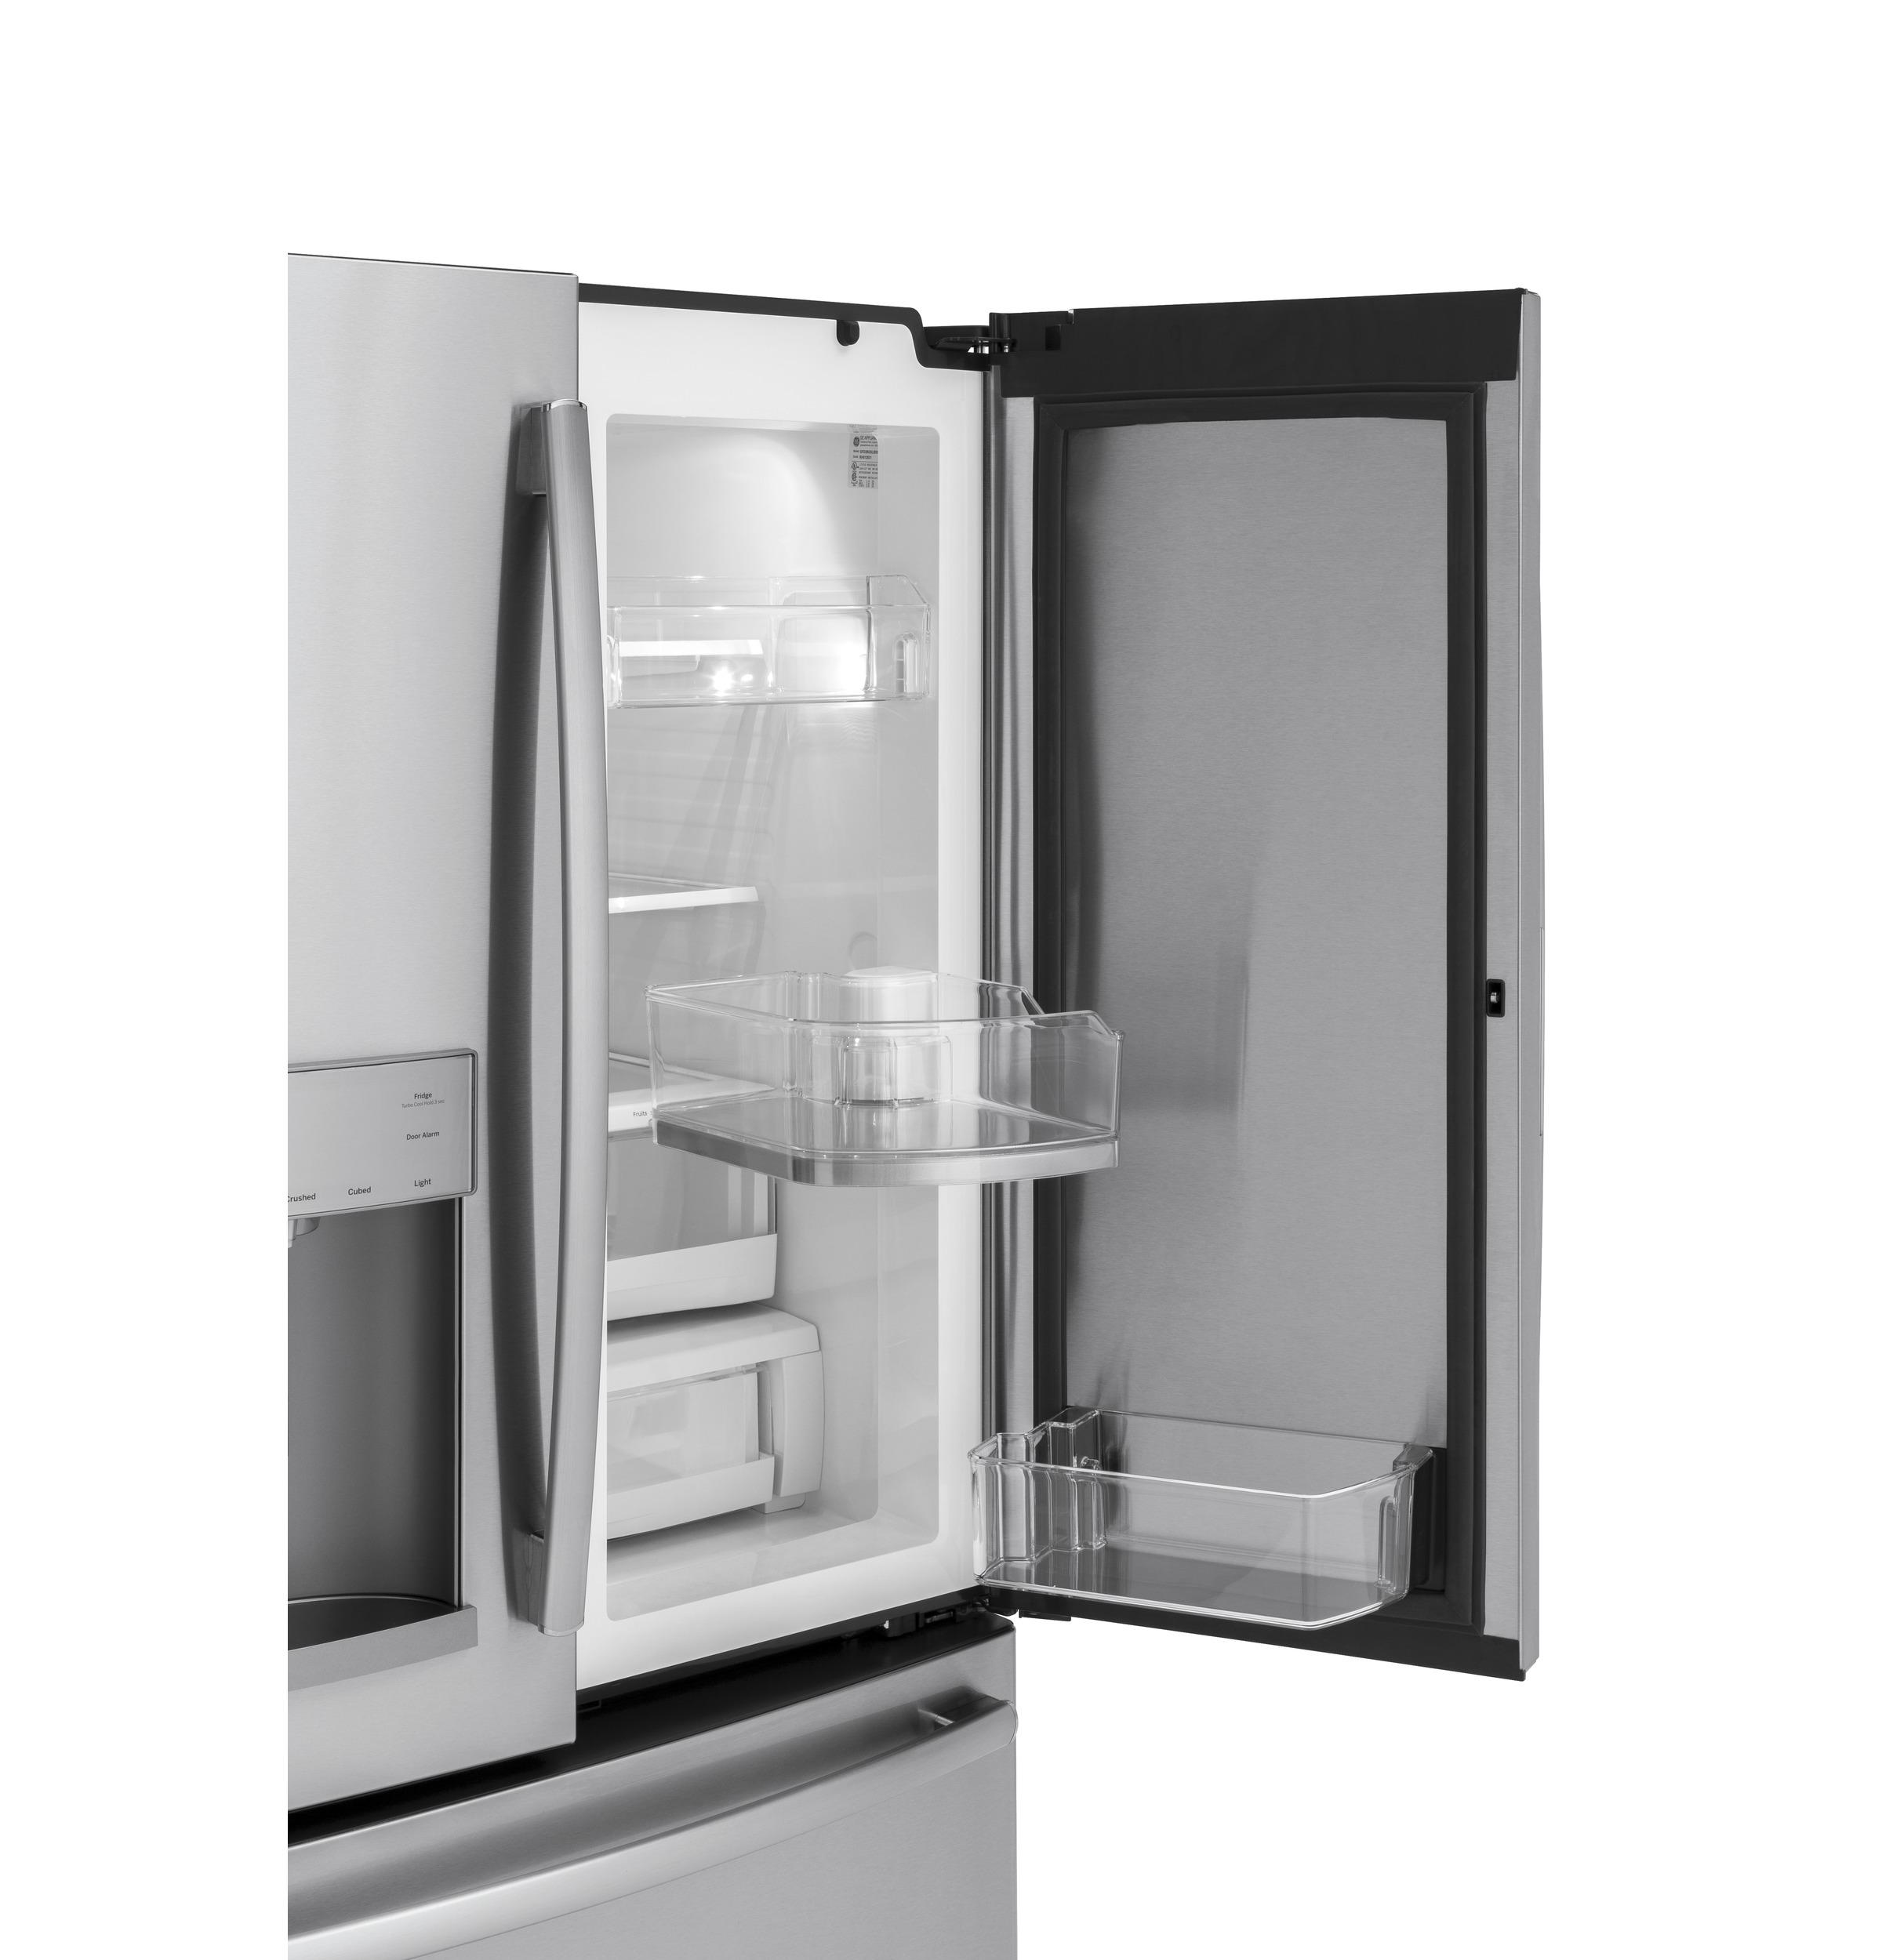 Model: GFD28GYNFS | GE GE® 27.8 Cu. Ft. French-Door Refrigerator with Door In Door